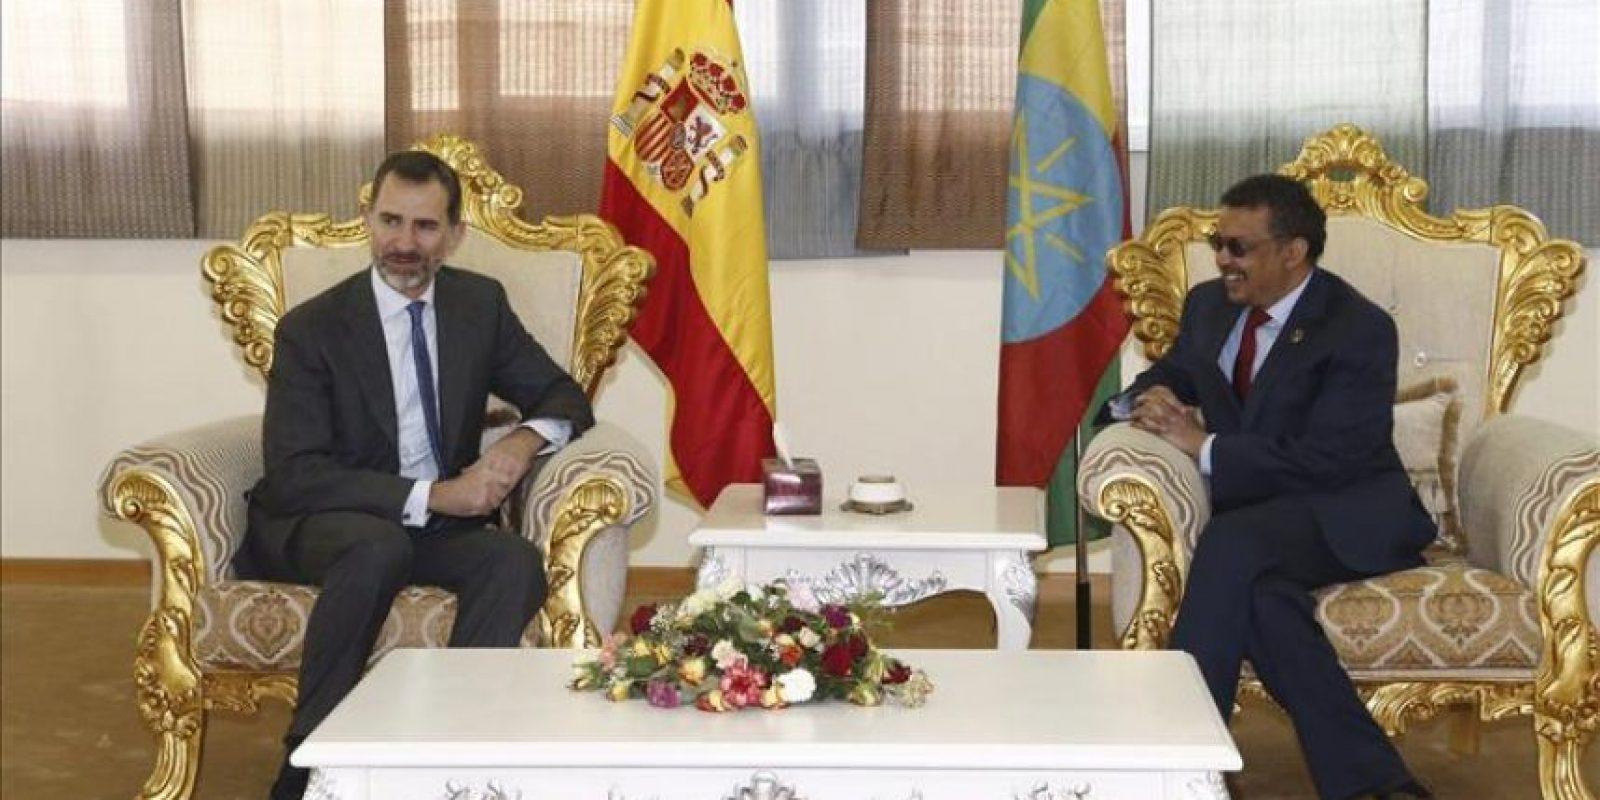 El Rey Felipe VI conversa con el ministro etíope de Asuntos Exteriores, Tedros Adhanom (dcha), a su llegada hoy a Adis Abeba, la capital de Etiopía donde se celebra la 24 cumbre ordinaria de la Unión Africana (UA). EFE